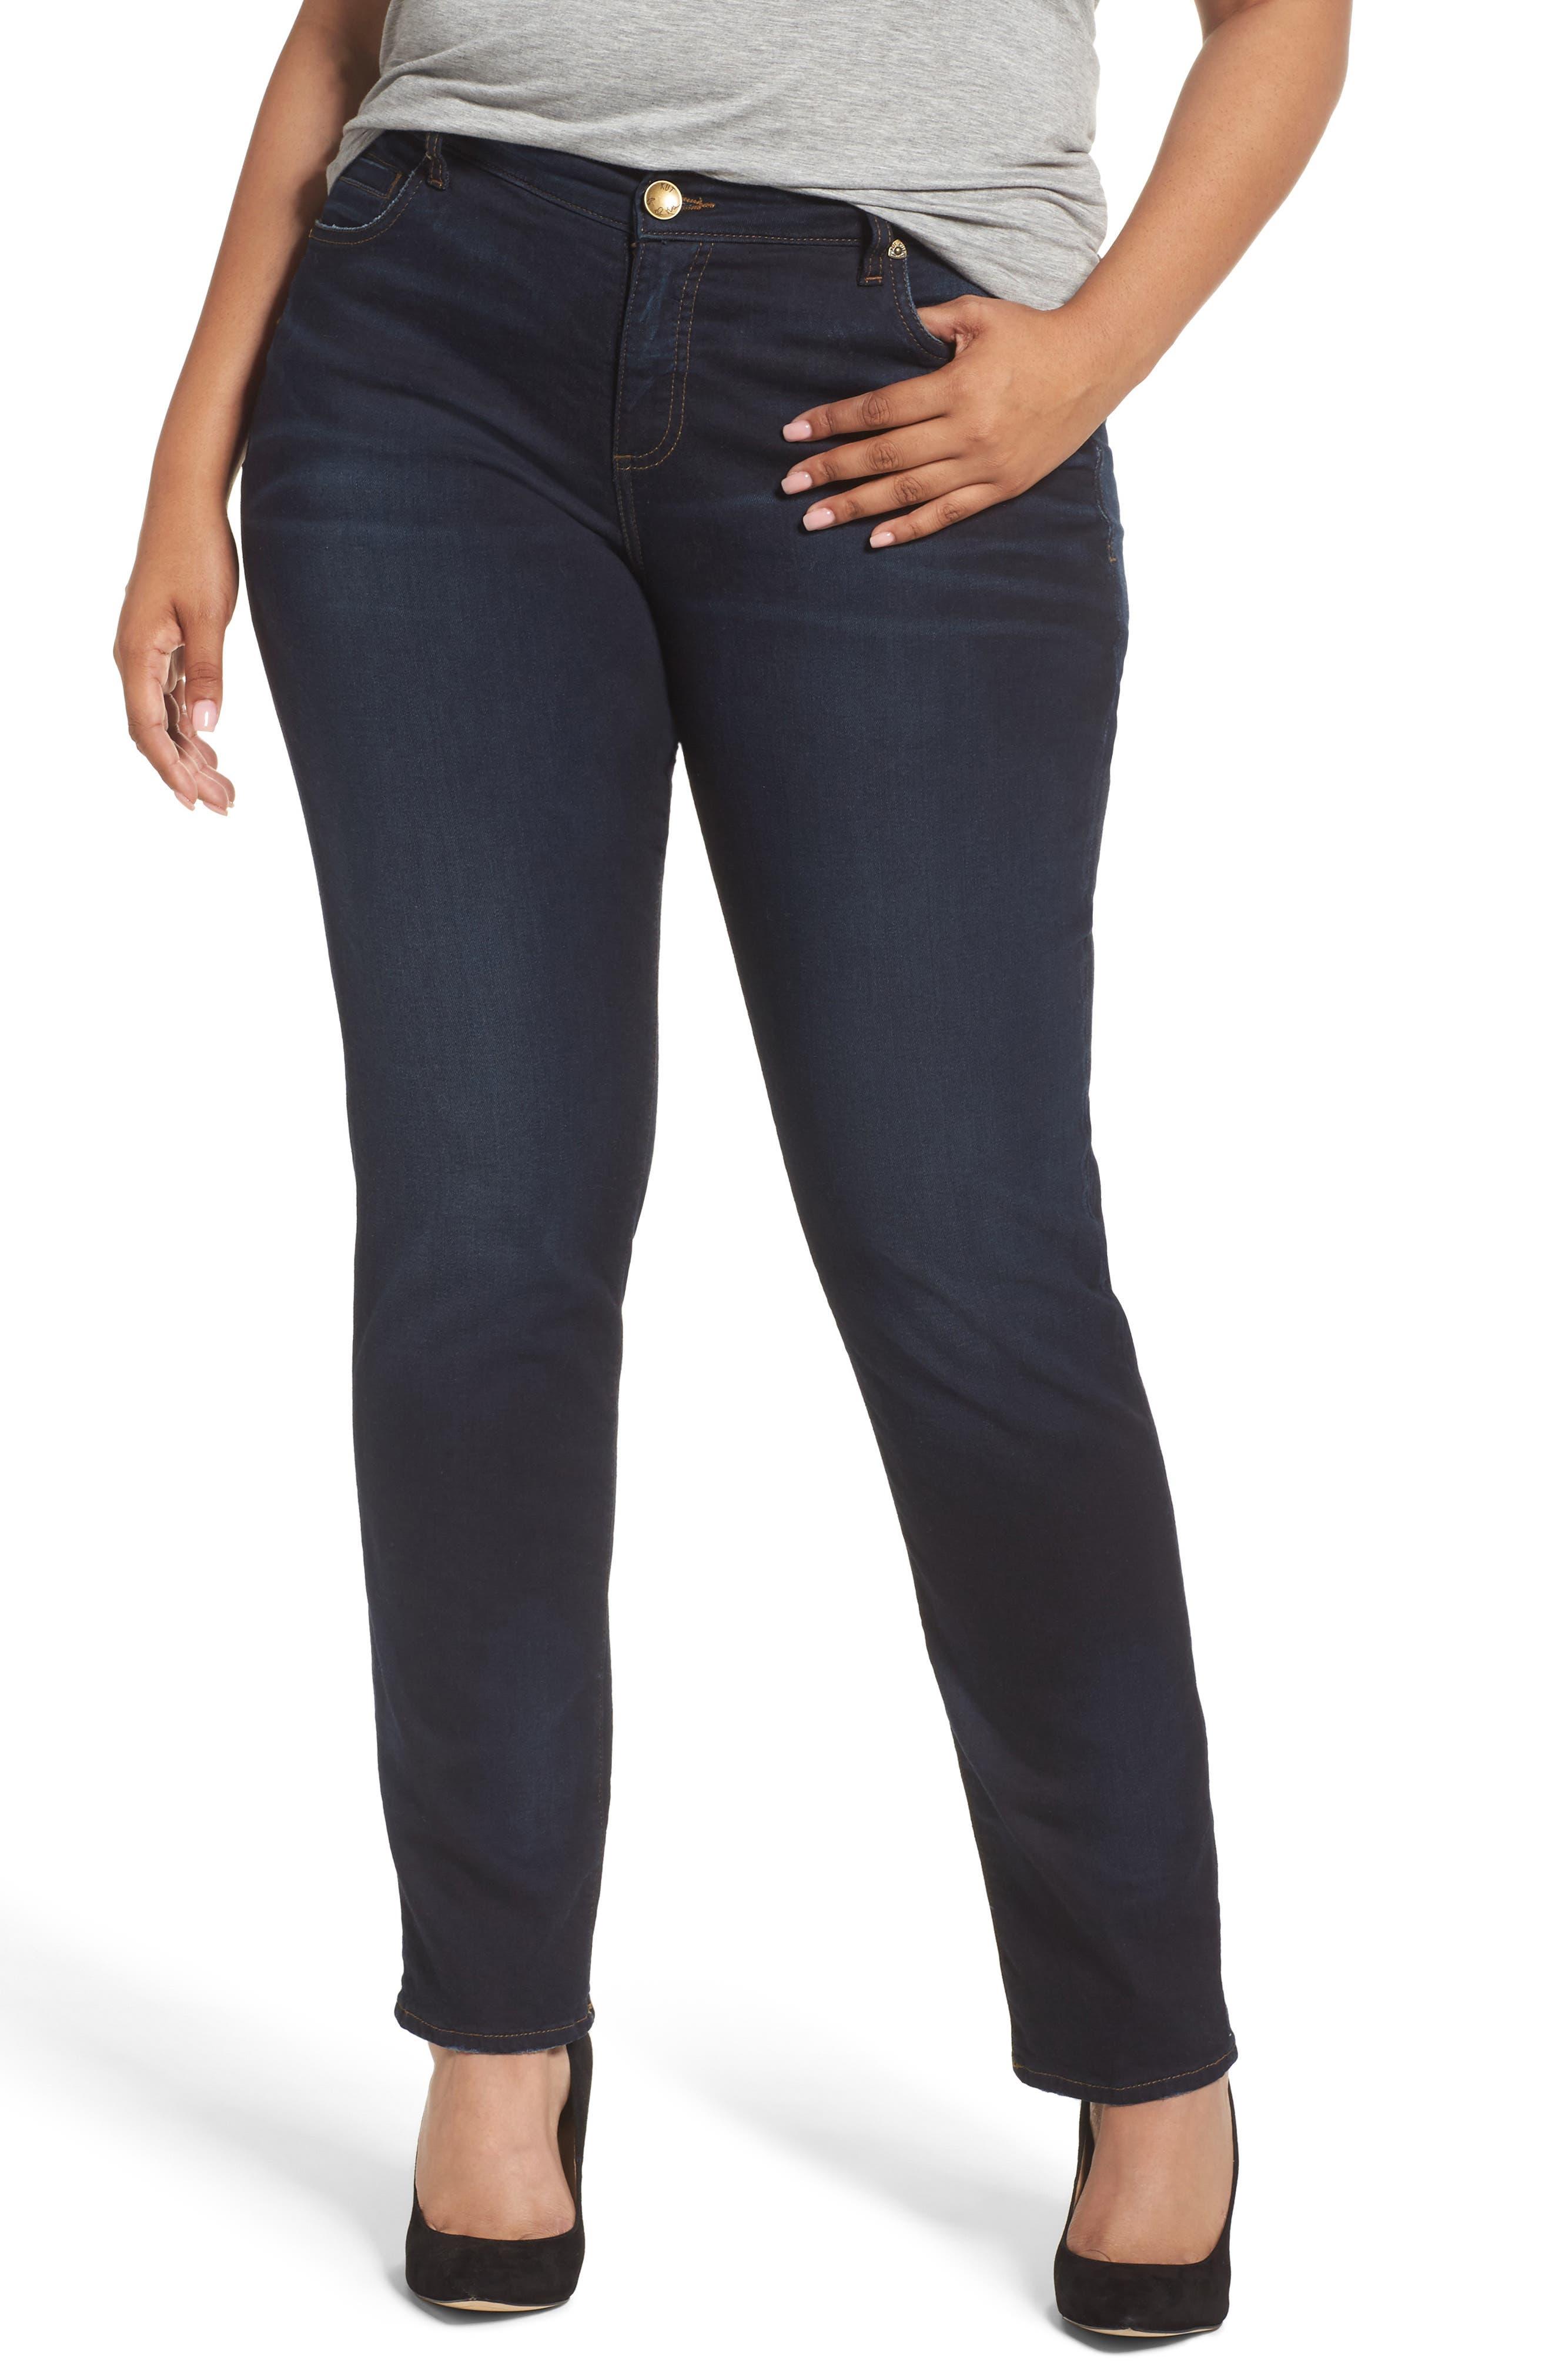 KUT from the Kloth Diana Stretch Skinny Jeans (Lionized) (Plus Size)